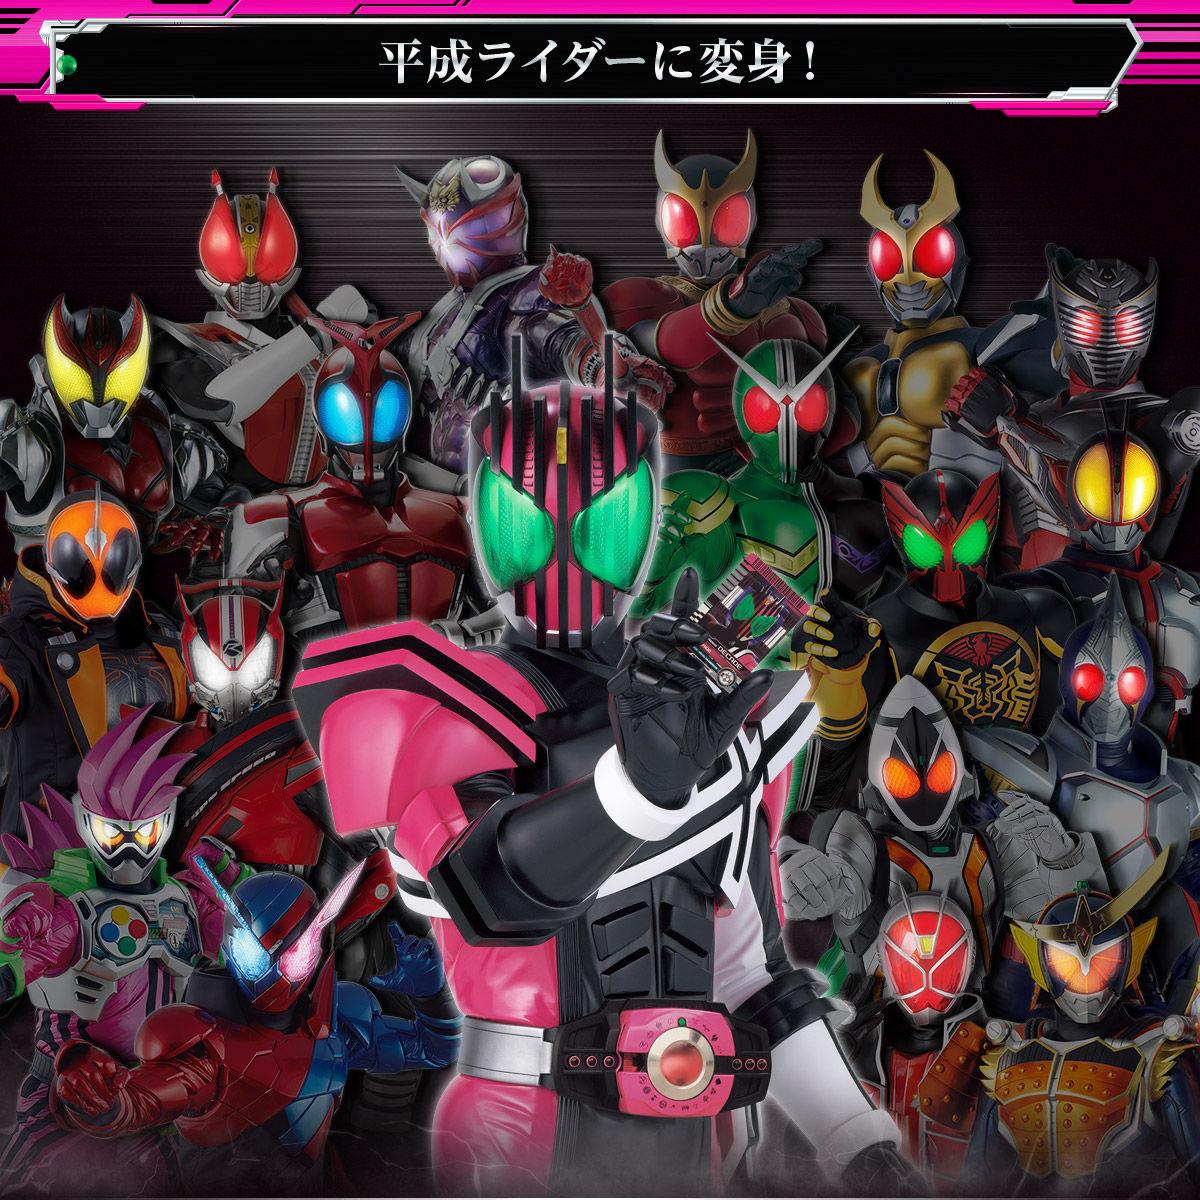 Premium Bandai Announces DX Kamen Rider Decade Neo